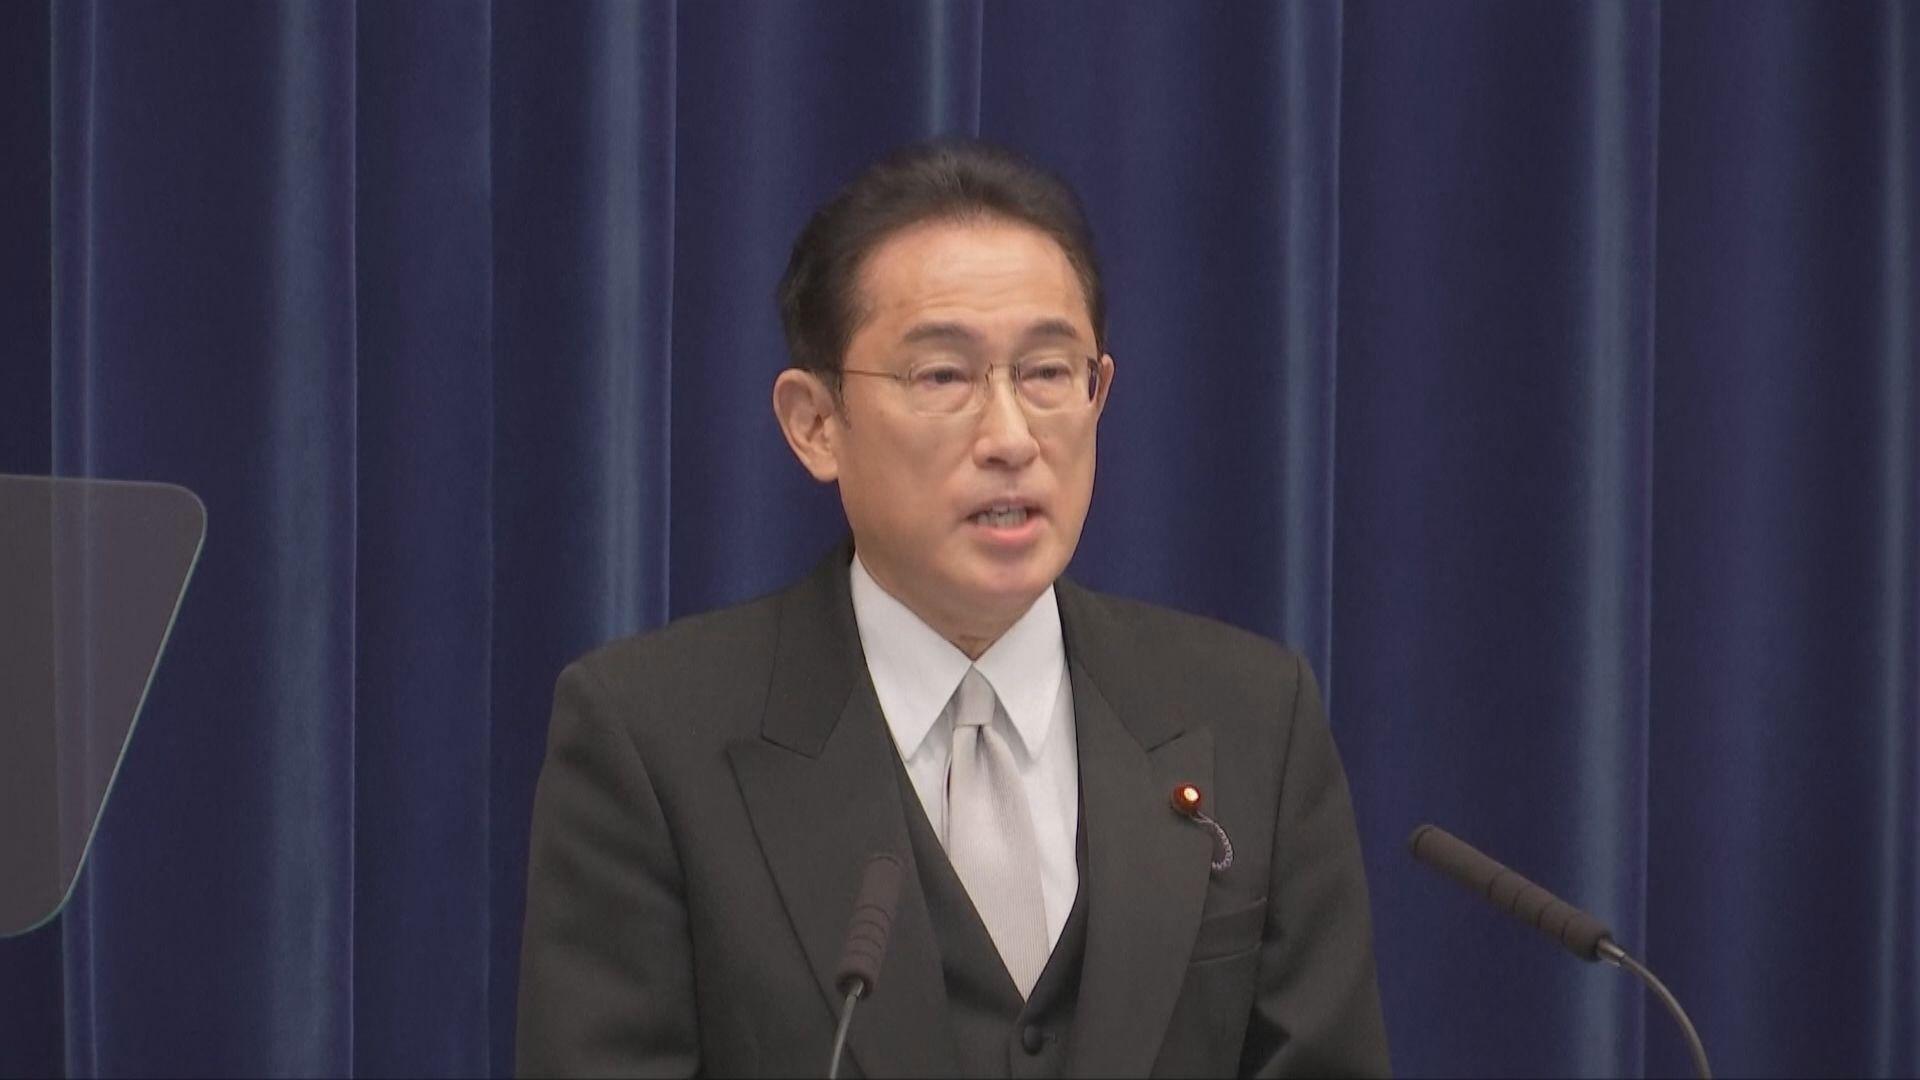 日本眾議院選舉公告發布 競選活動正式展開